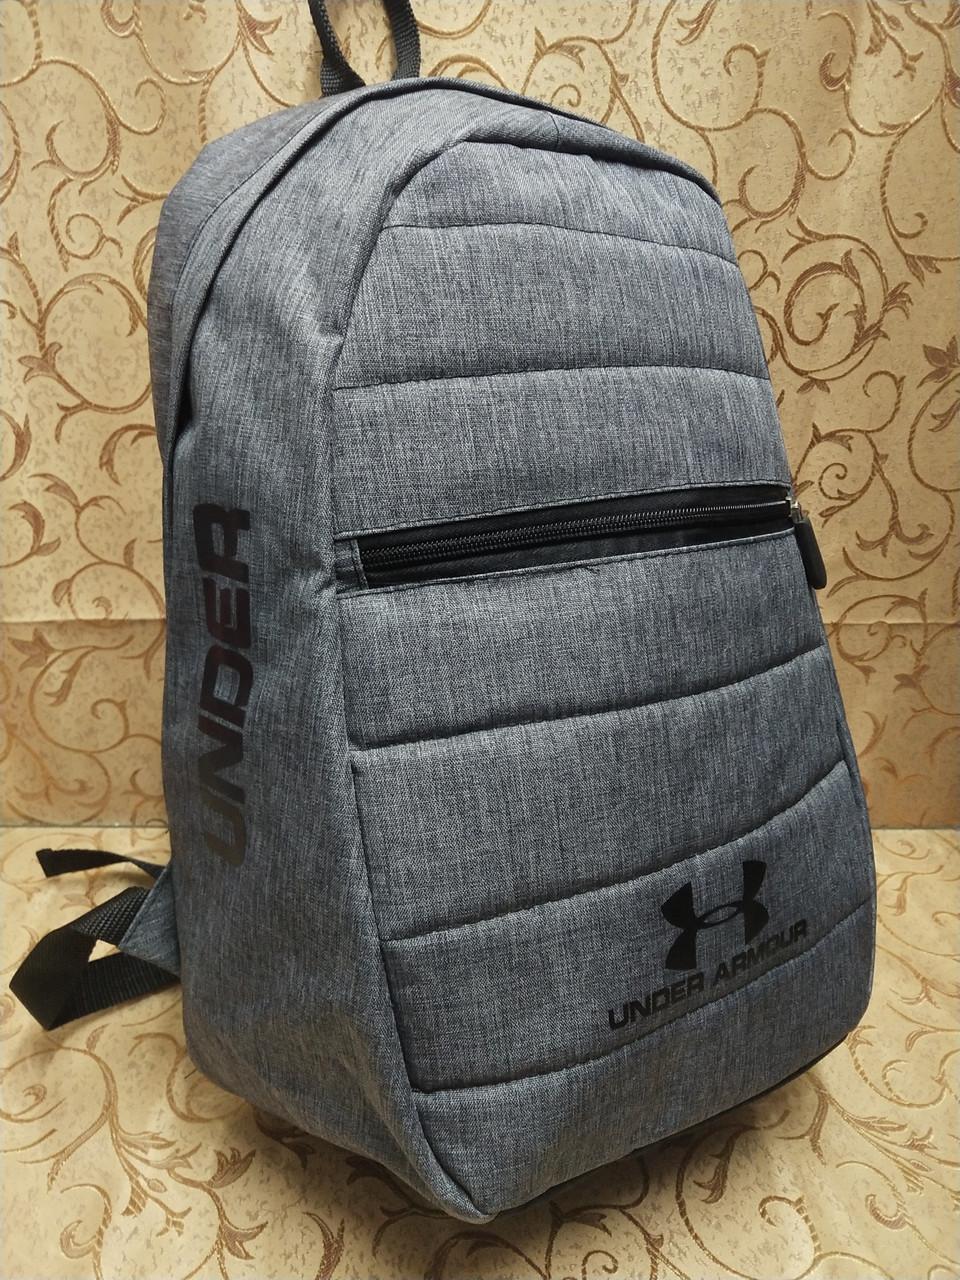 Рюкзак UNDER ARMOUR мессенджер 300D спорт спортивный городской стильный только опт